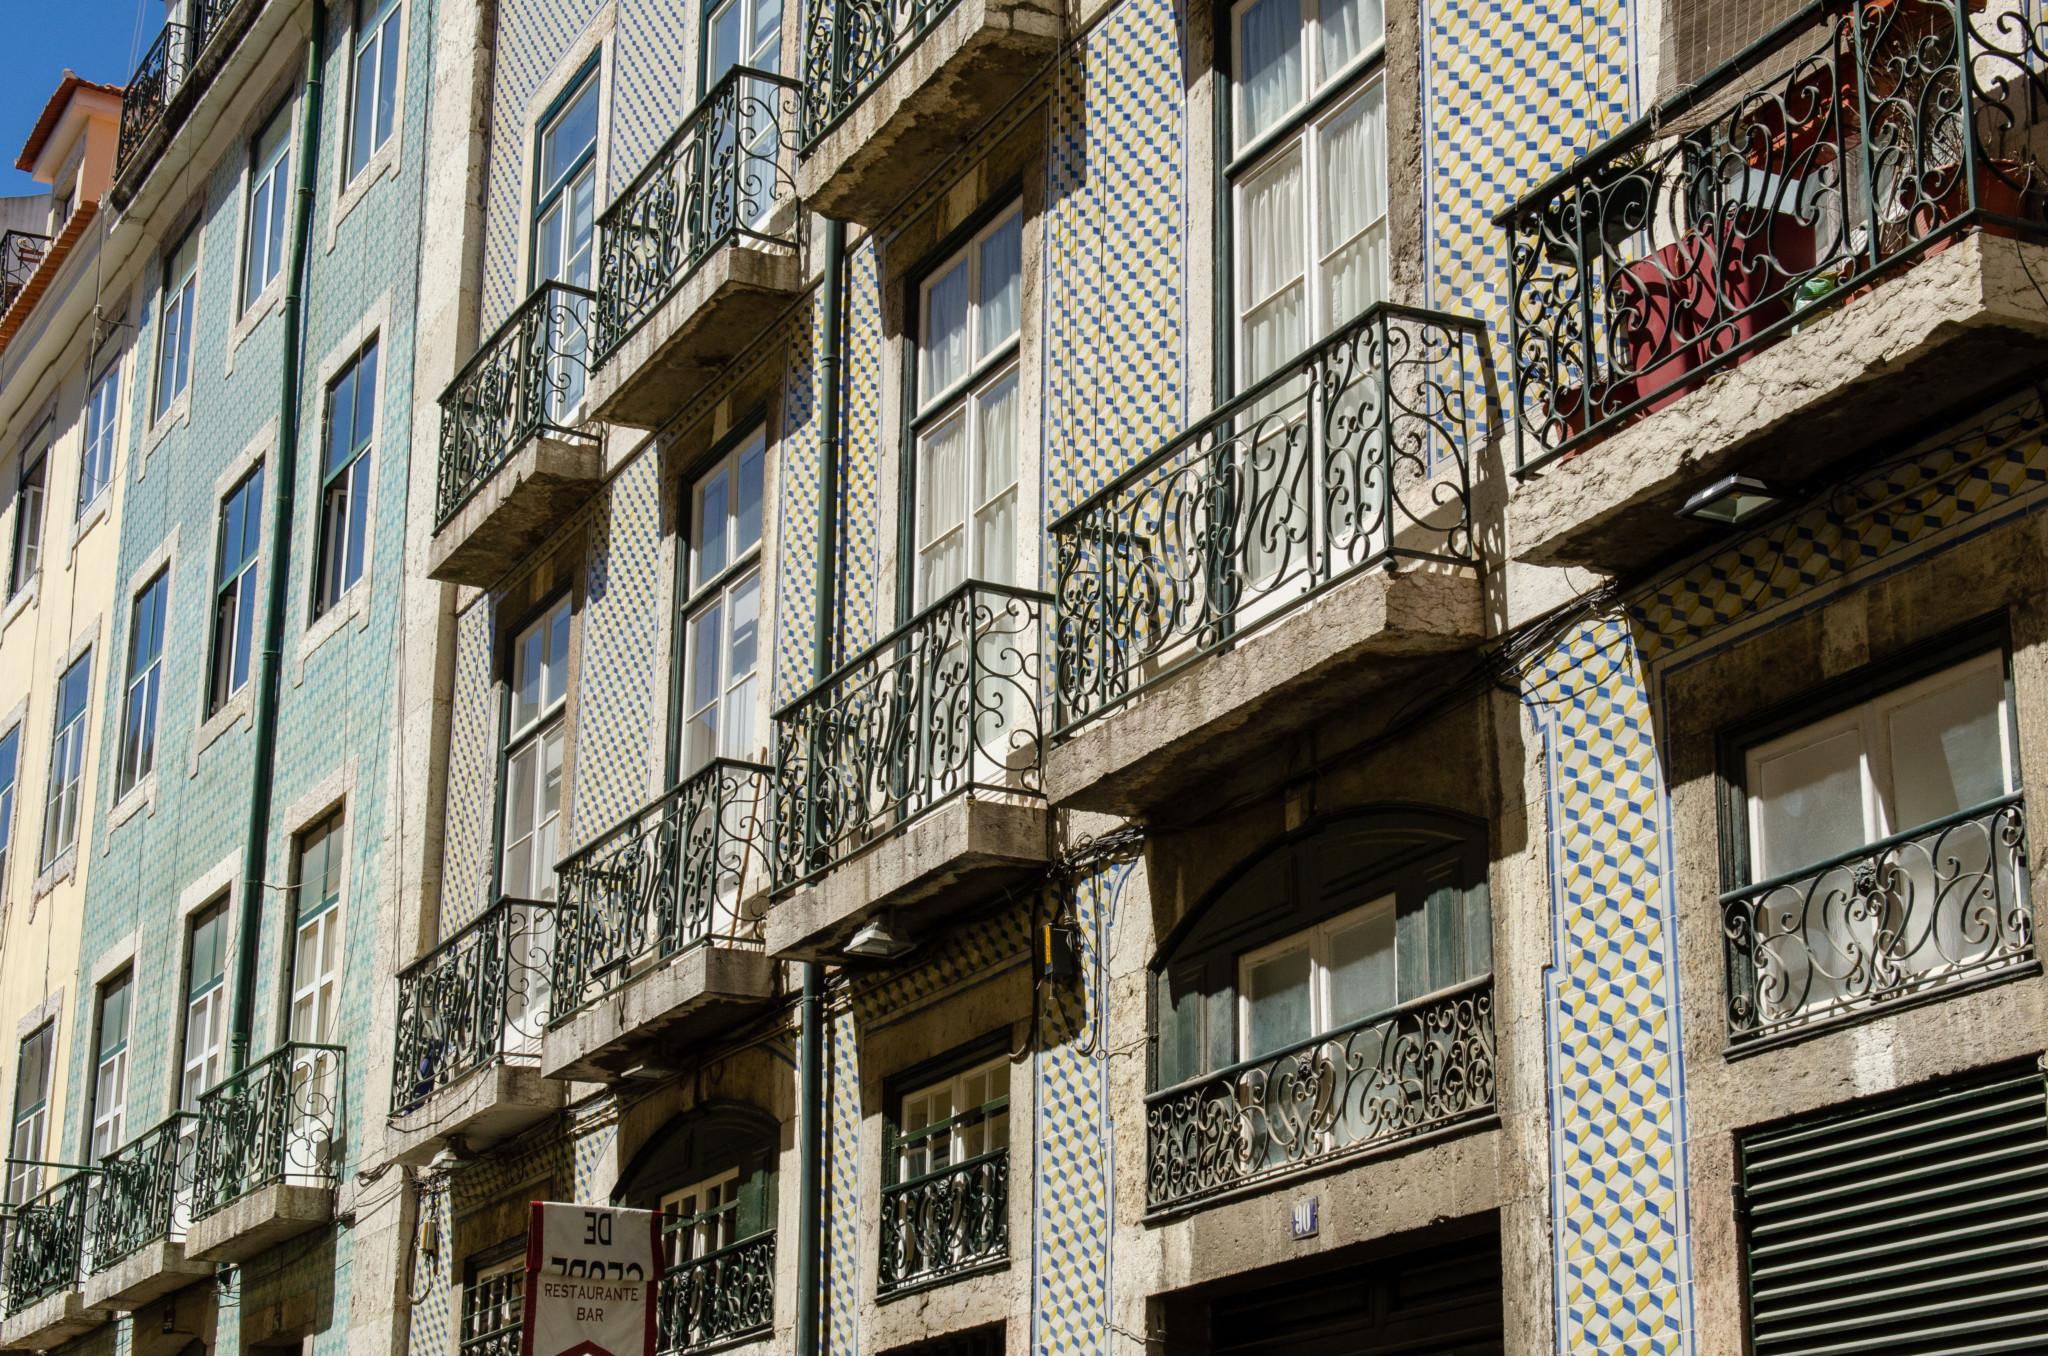 Typische Fassade in der Altstadt von Lissabon